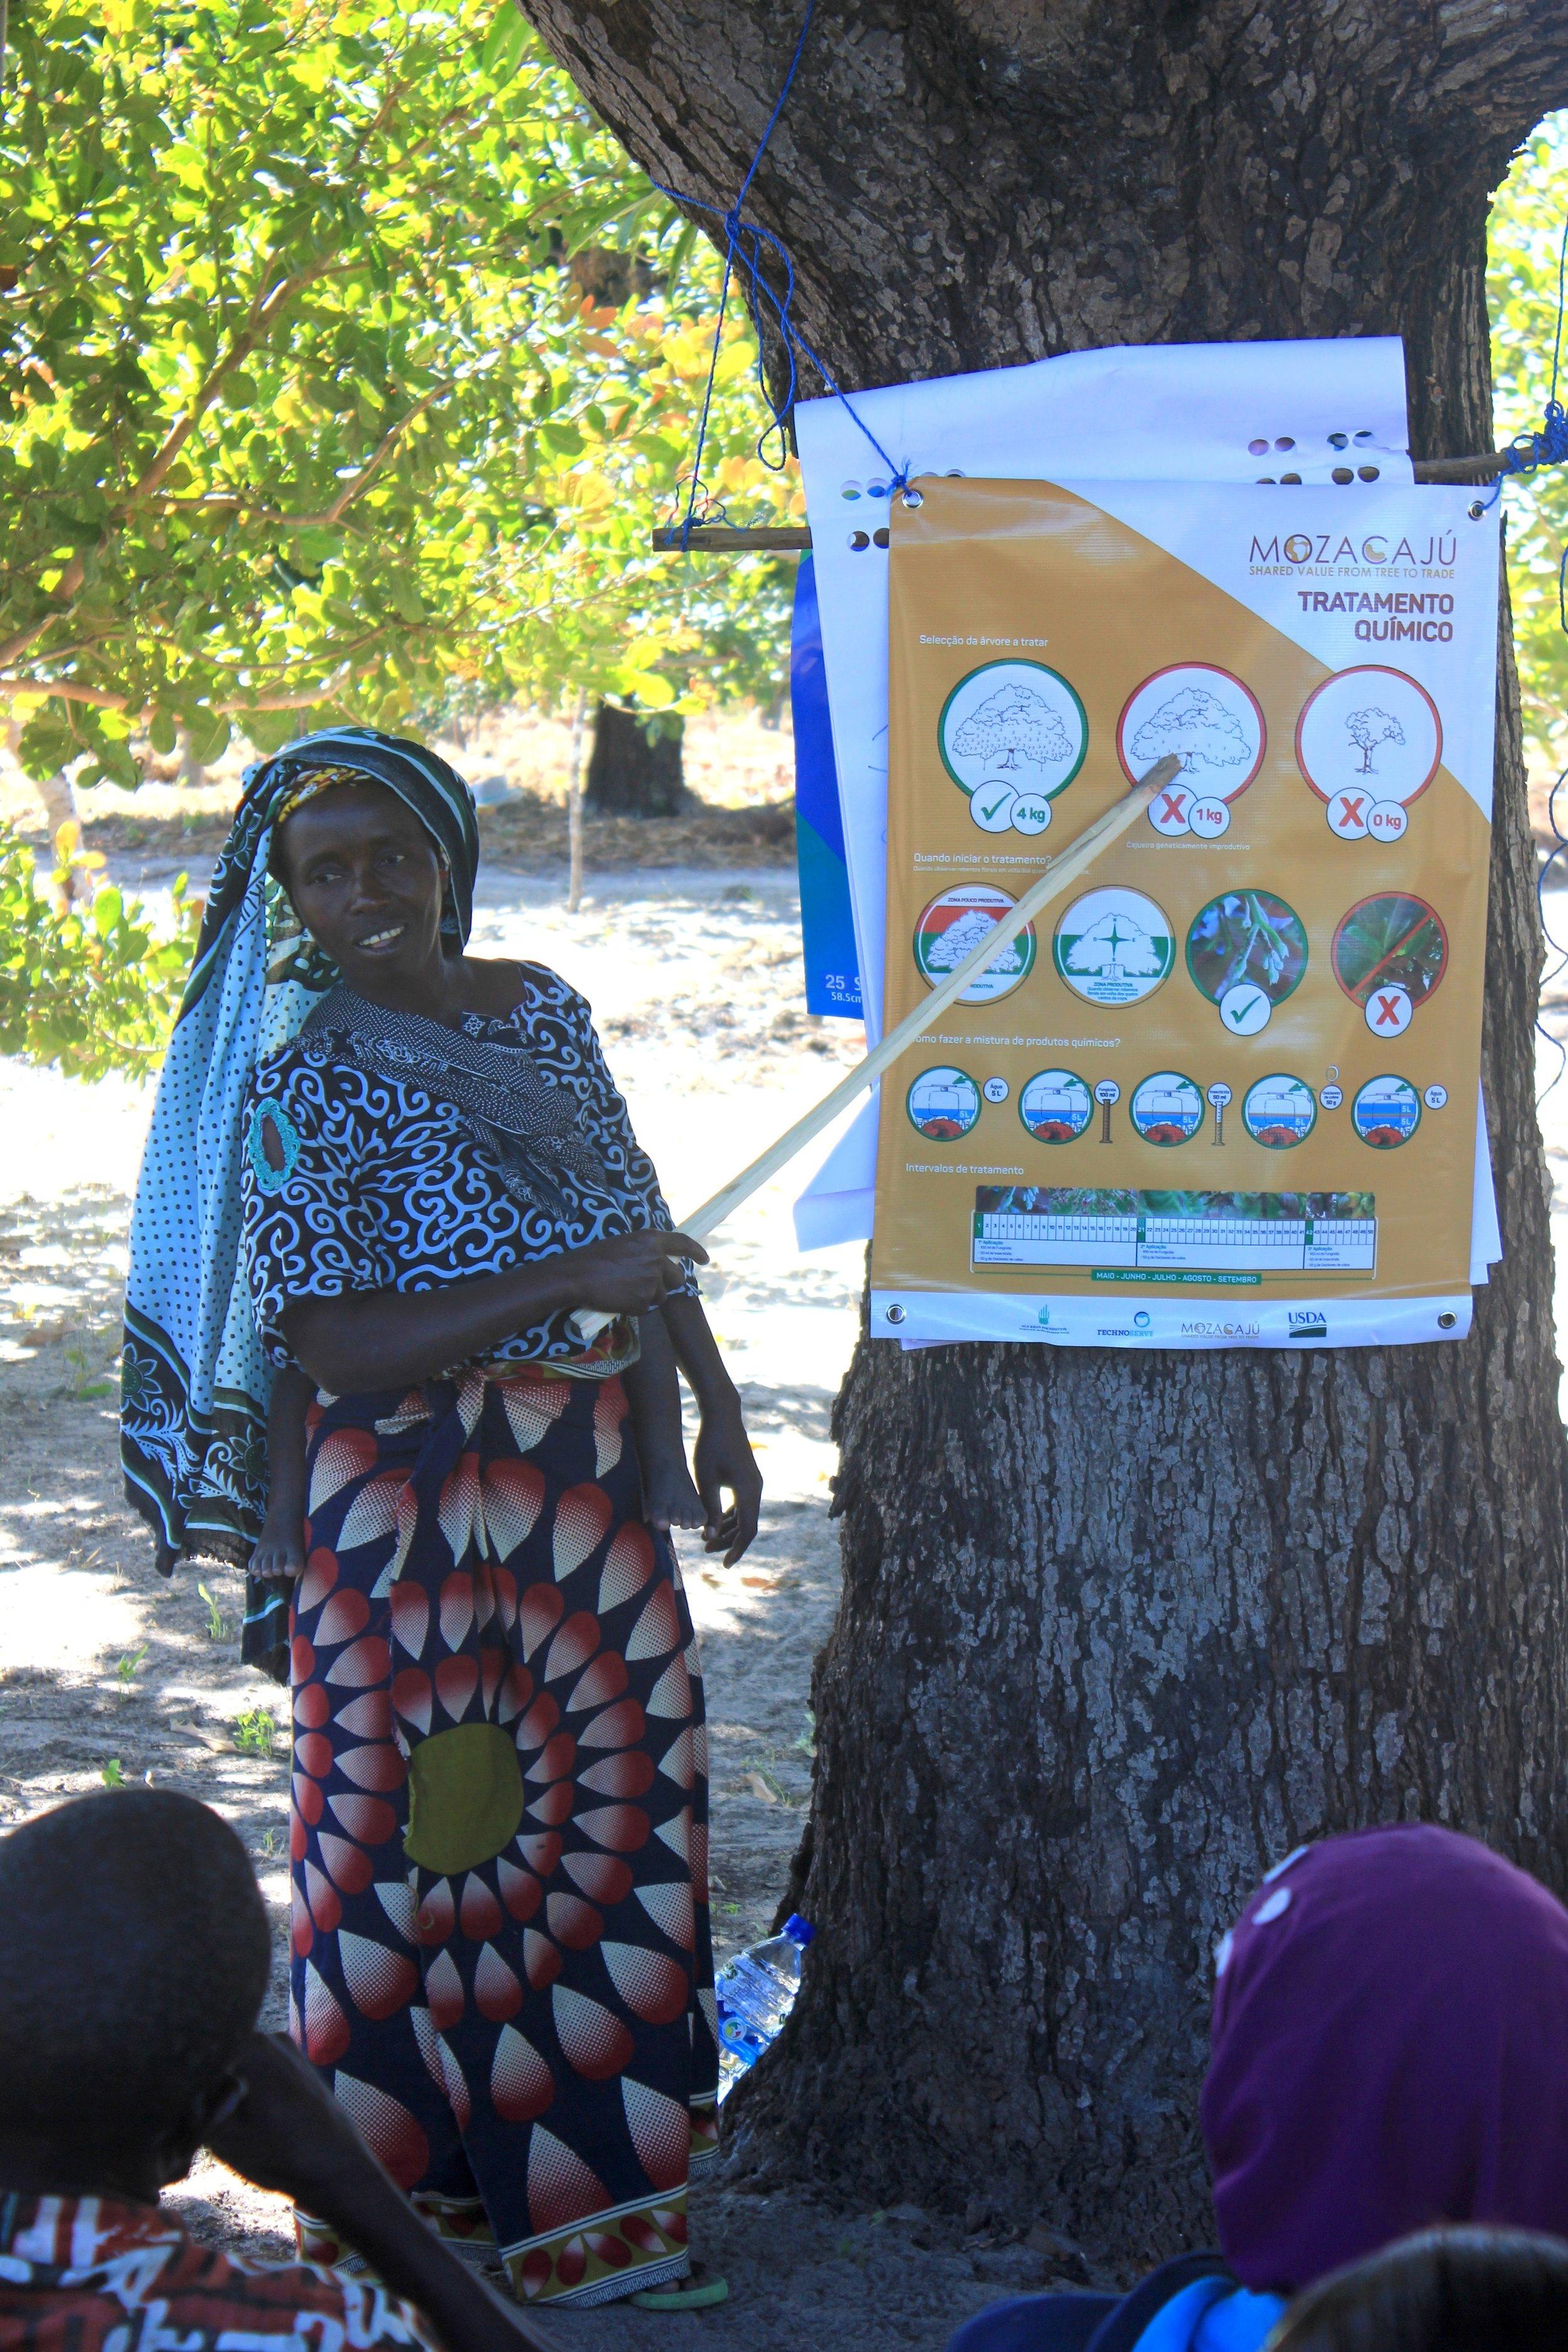 Mocímboa da Praia district, Cabo Delgado province  - Sofia Momade, farmer and promoter, explains how to protect cashew trees from pests and disease |  Sofia Momade, produtora e promotora, explica como proteger cajueiros de pragas e doenças